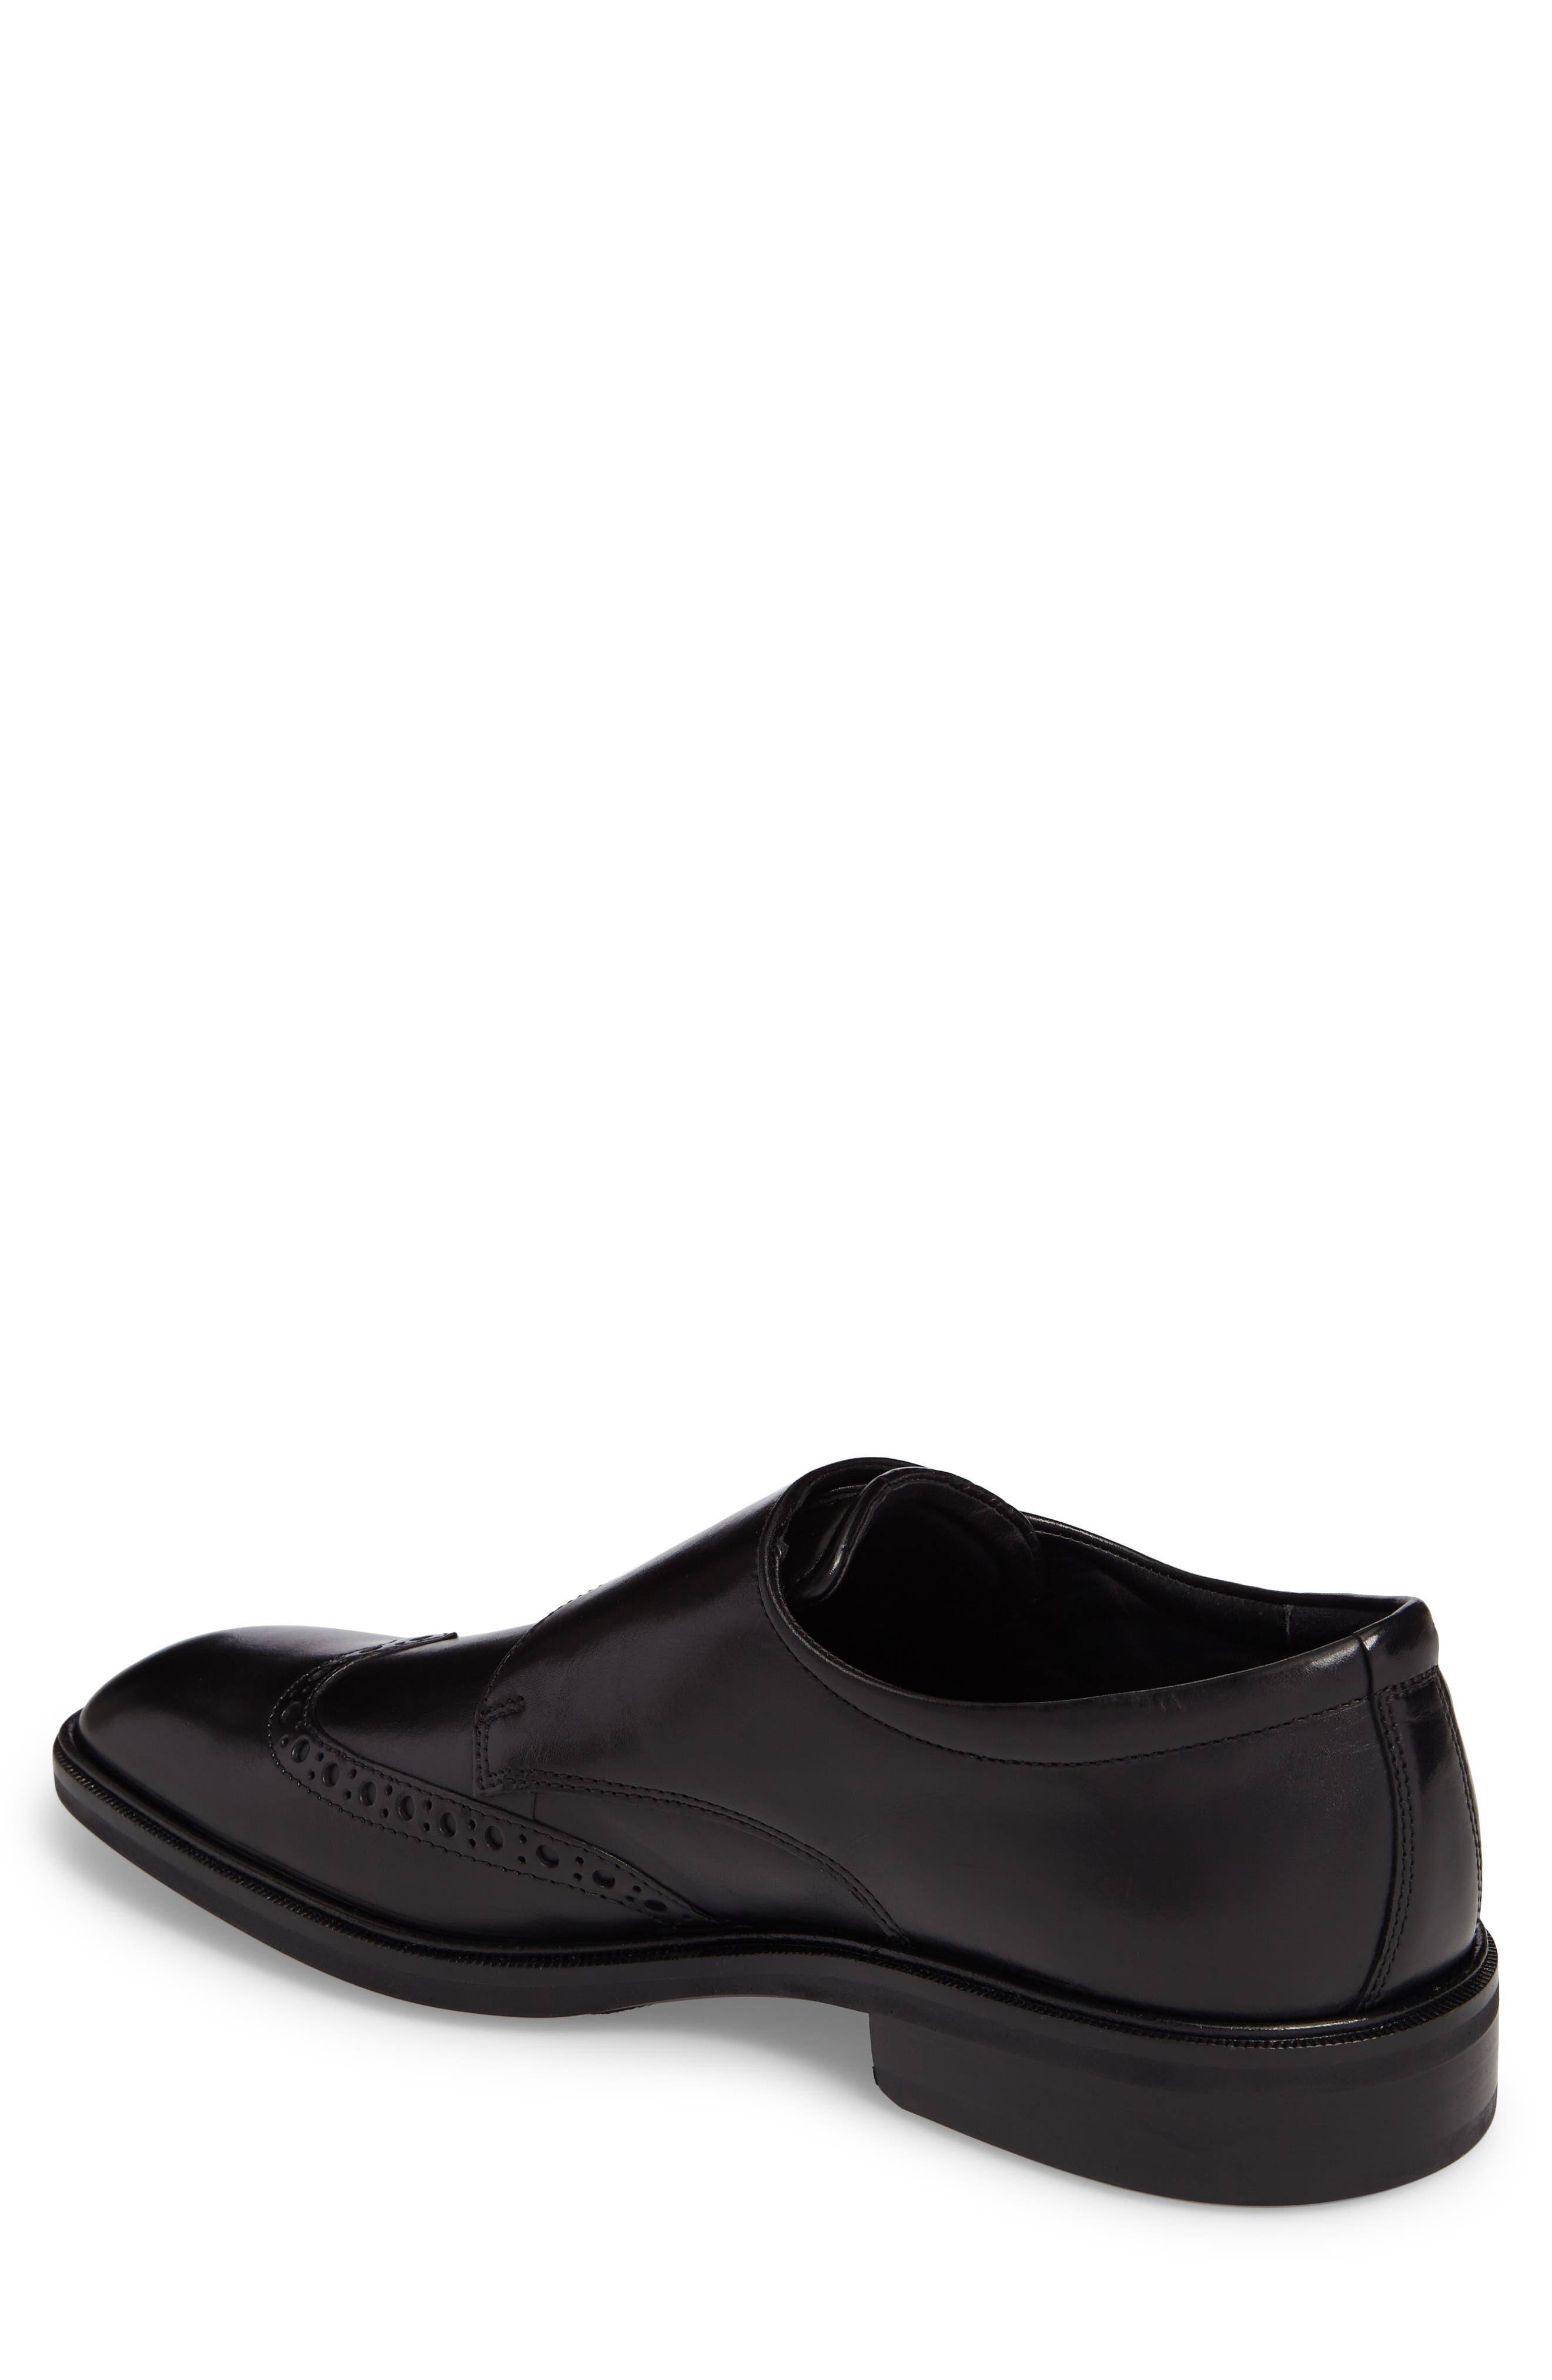 Illinois Double Monk Strap Shoe,                             Alternate thumbnail 2, color,                             Black Leather